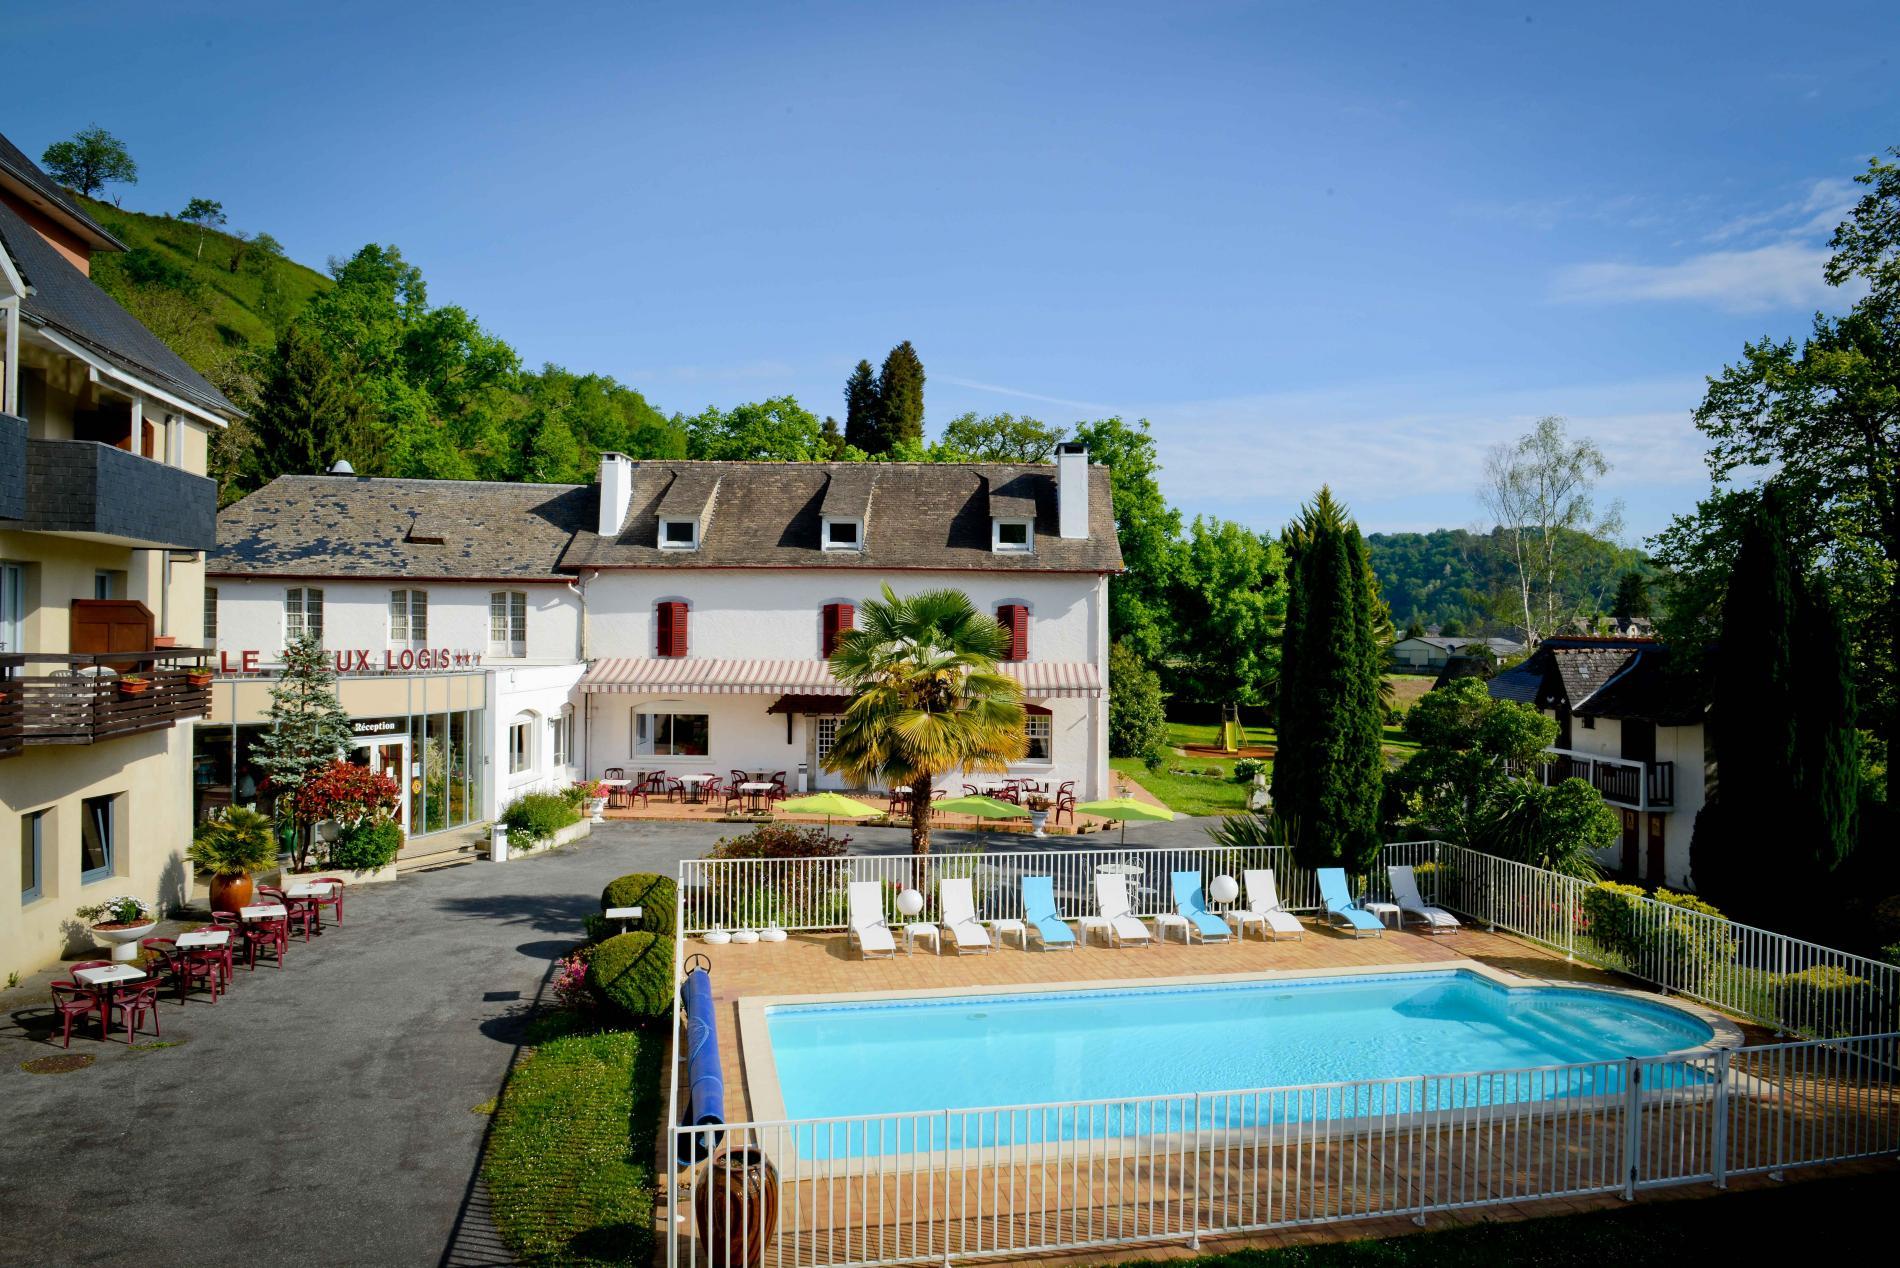 Hôtel & Restaurant Le Vieux Logis